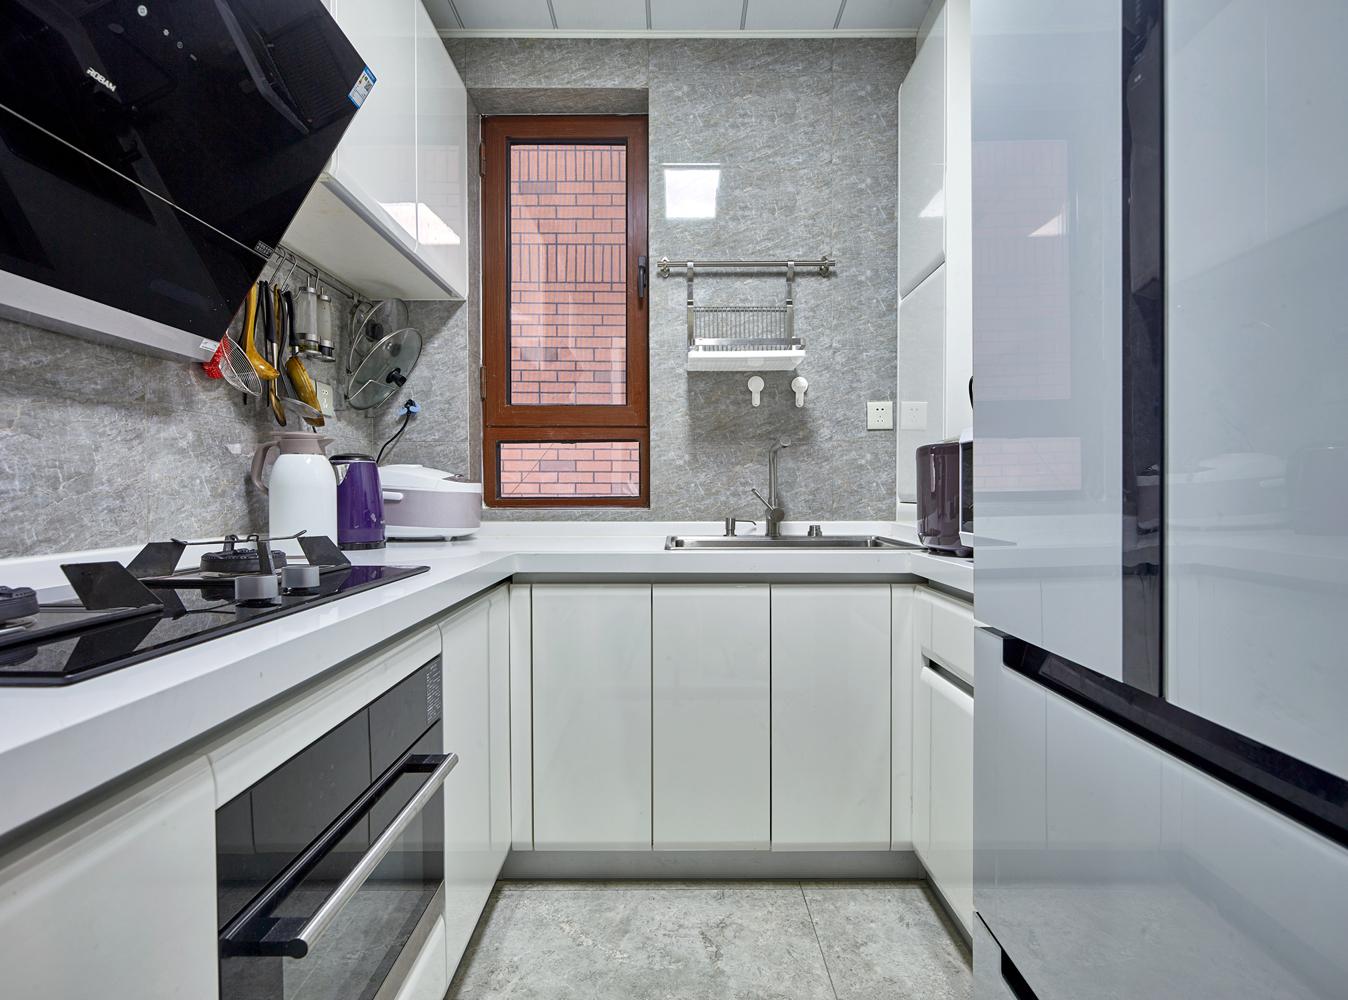 140㎡现代复式装修厨房效果图